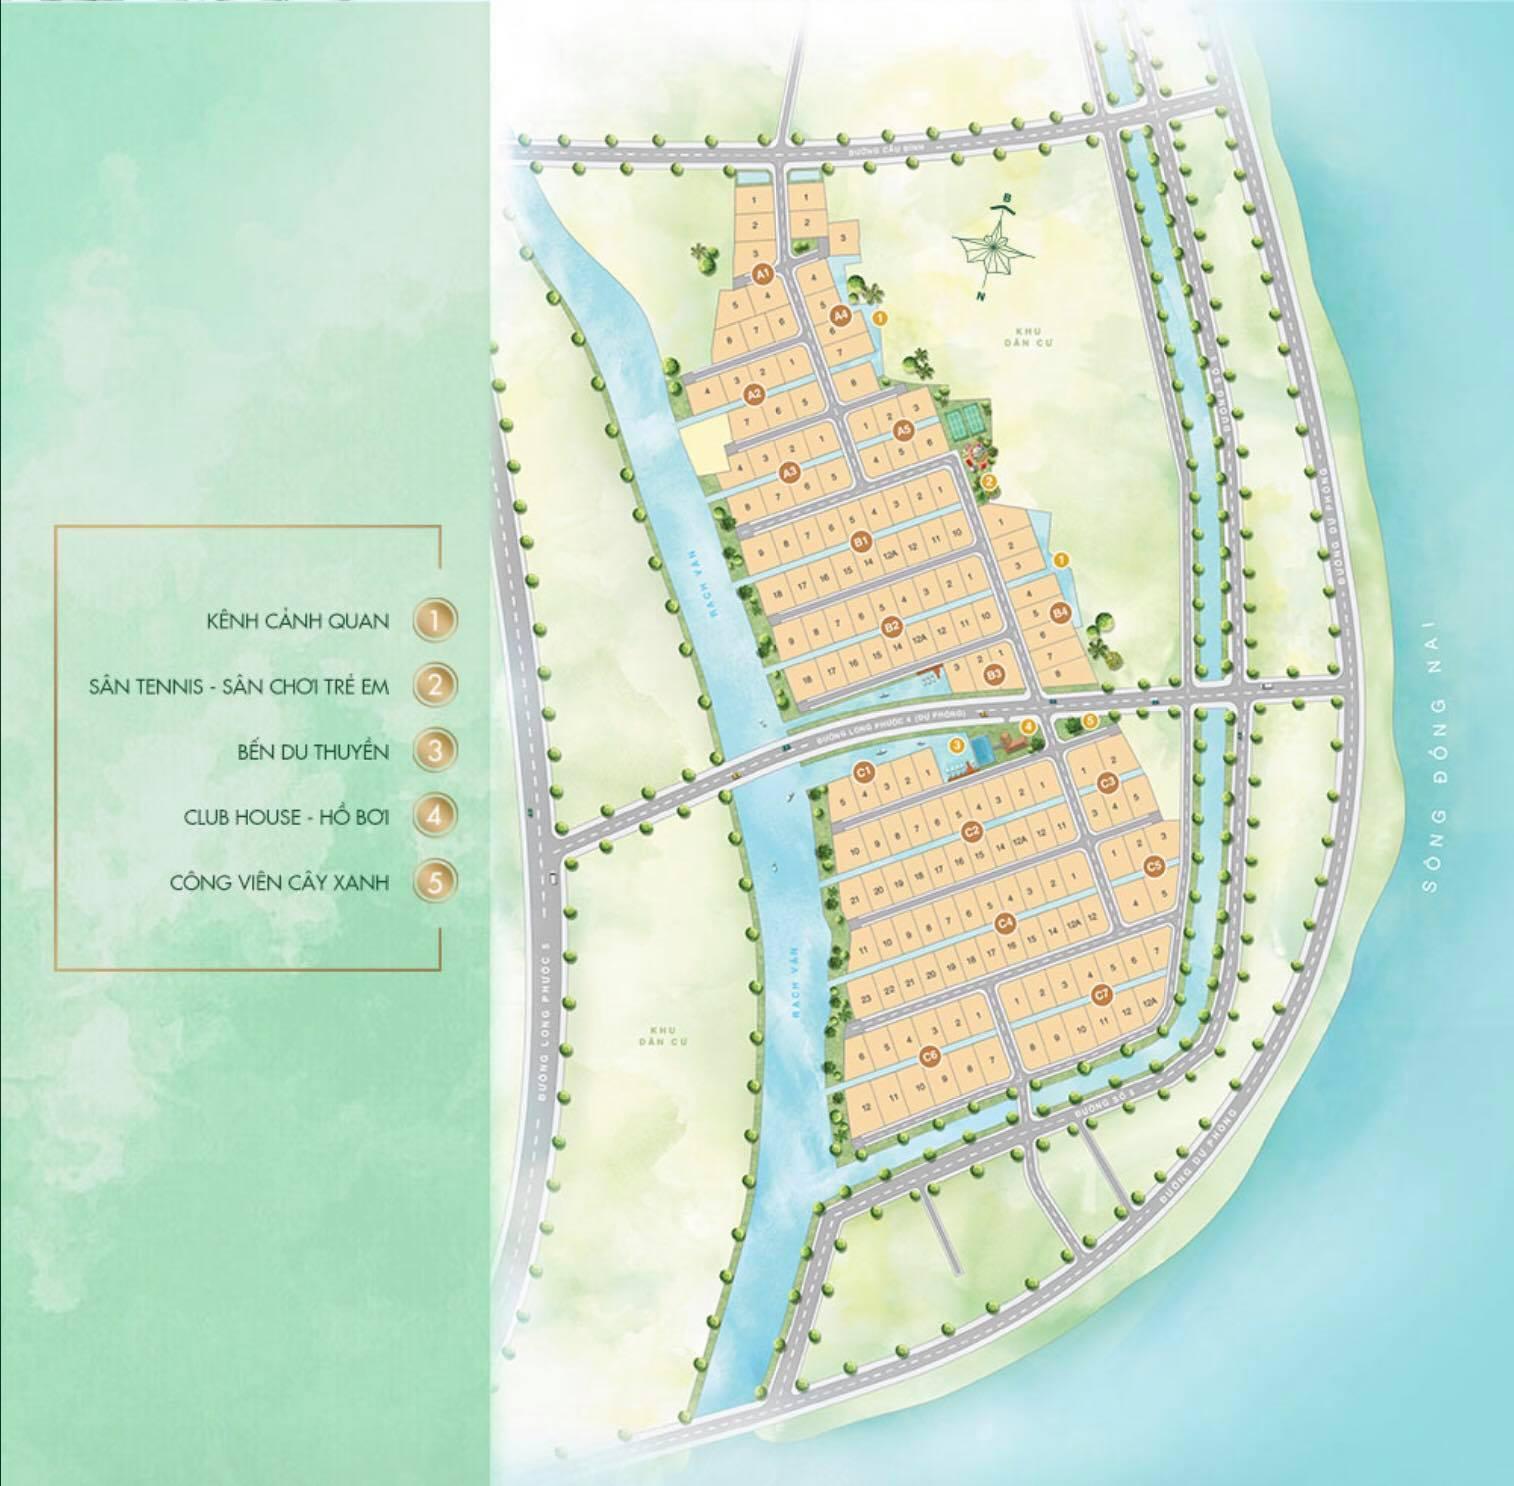 Mặt bằng tổng thể khu biệt thự vườn Saigon Garden Riverside Village Quận 9